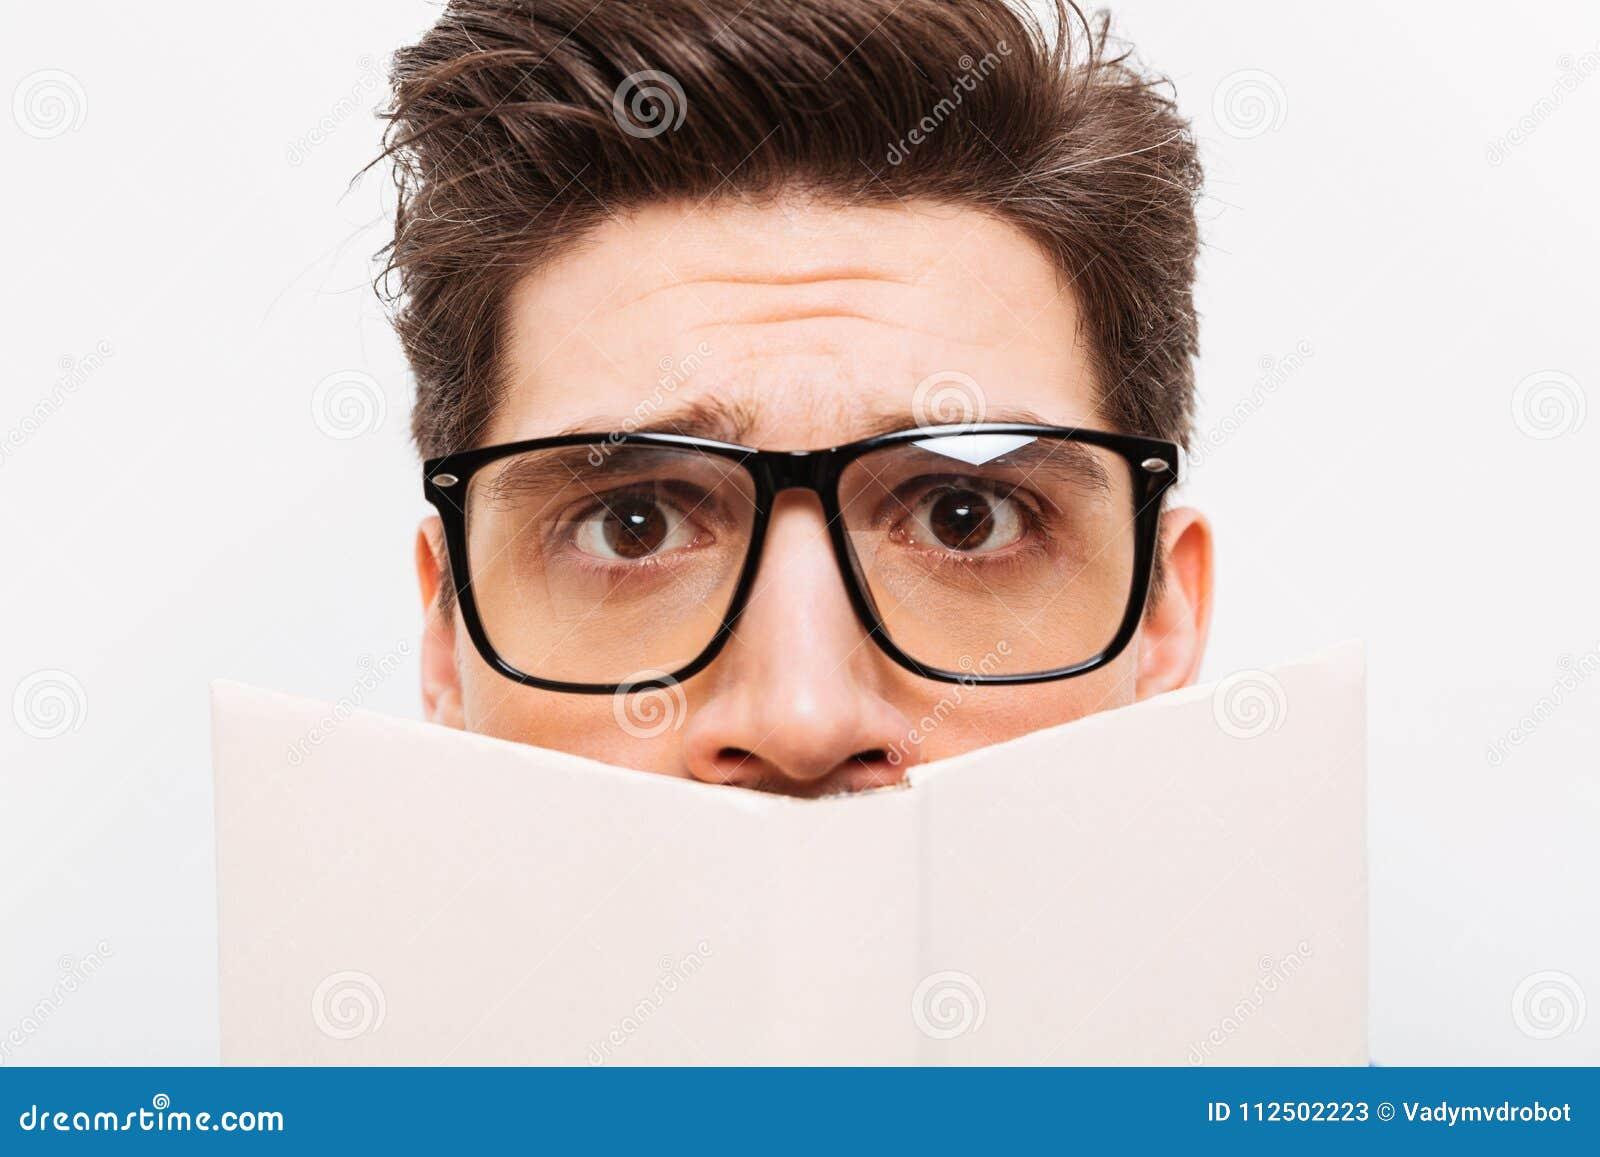 Image en gros plan de ballot confus dans des lunettes se cachant derrière le livre